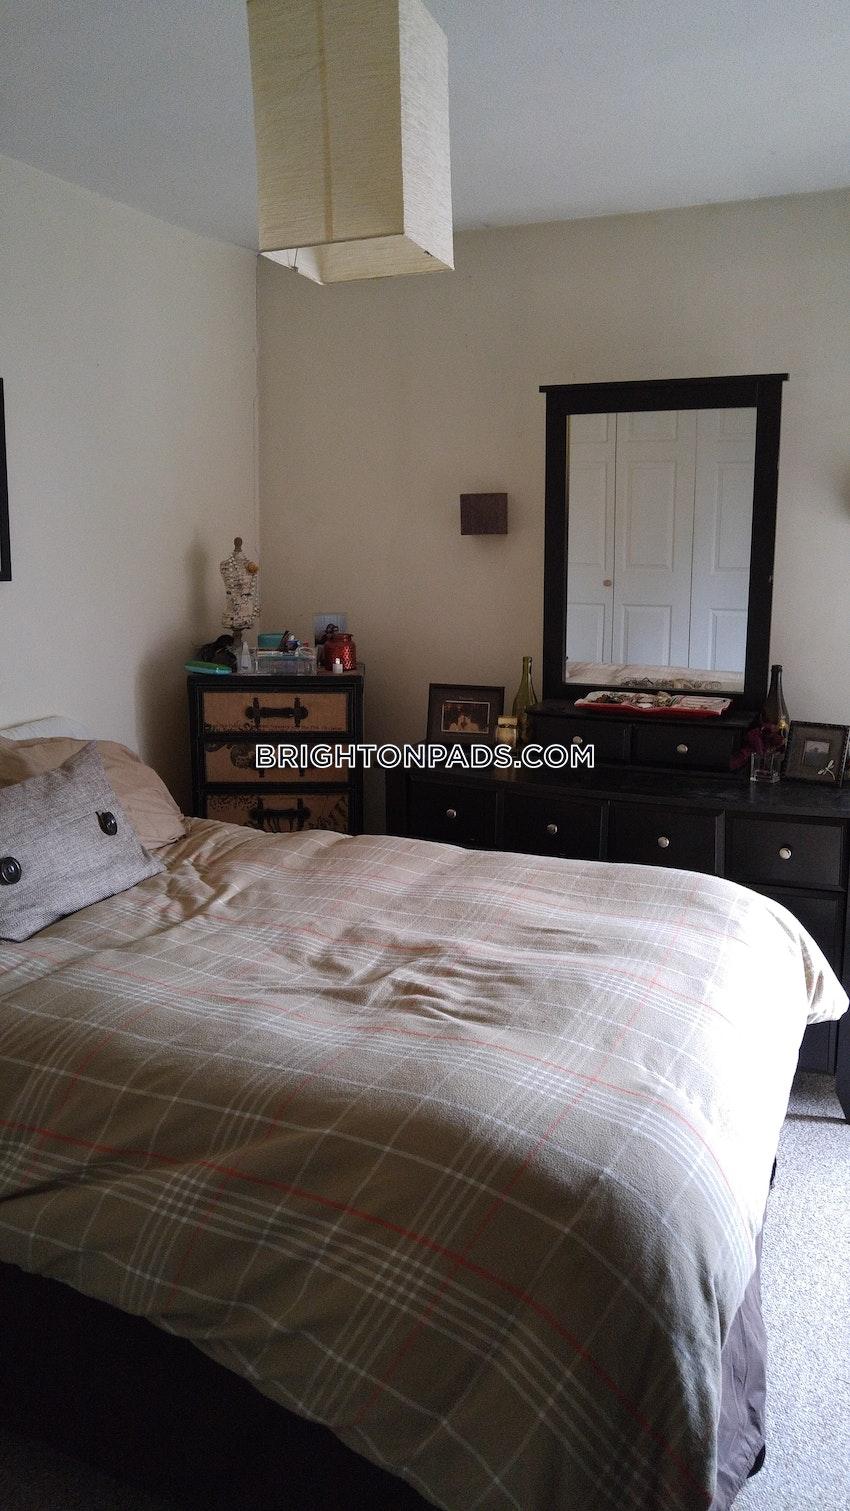 BOSTON - BRIGHTON - OAK SQUARE - 1 Bed, 1 Bath - Image 4